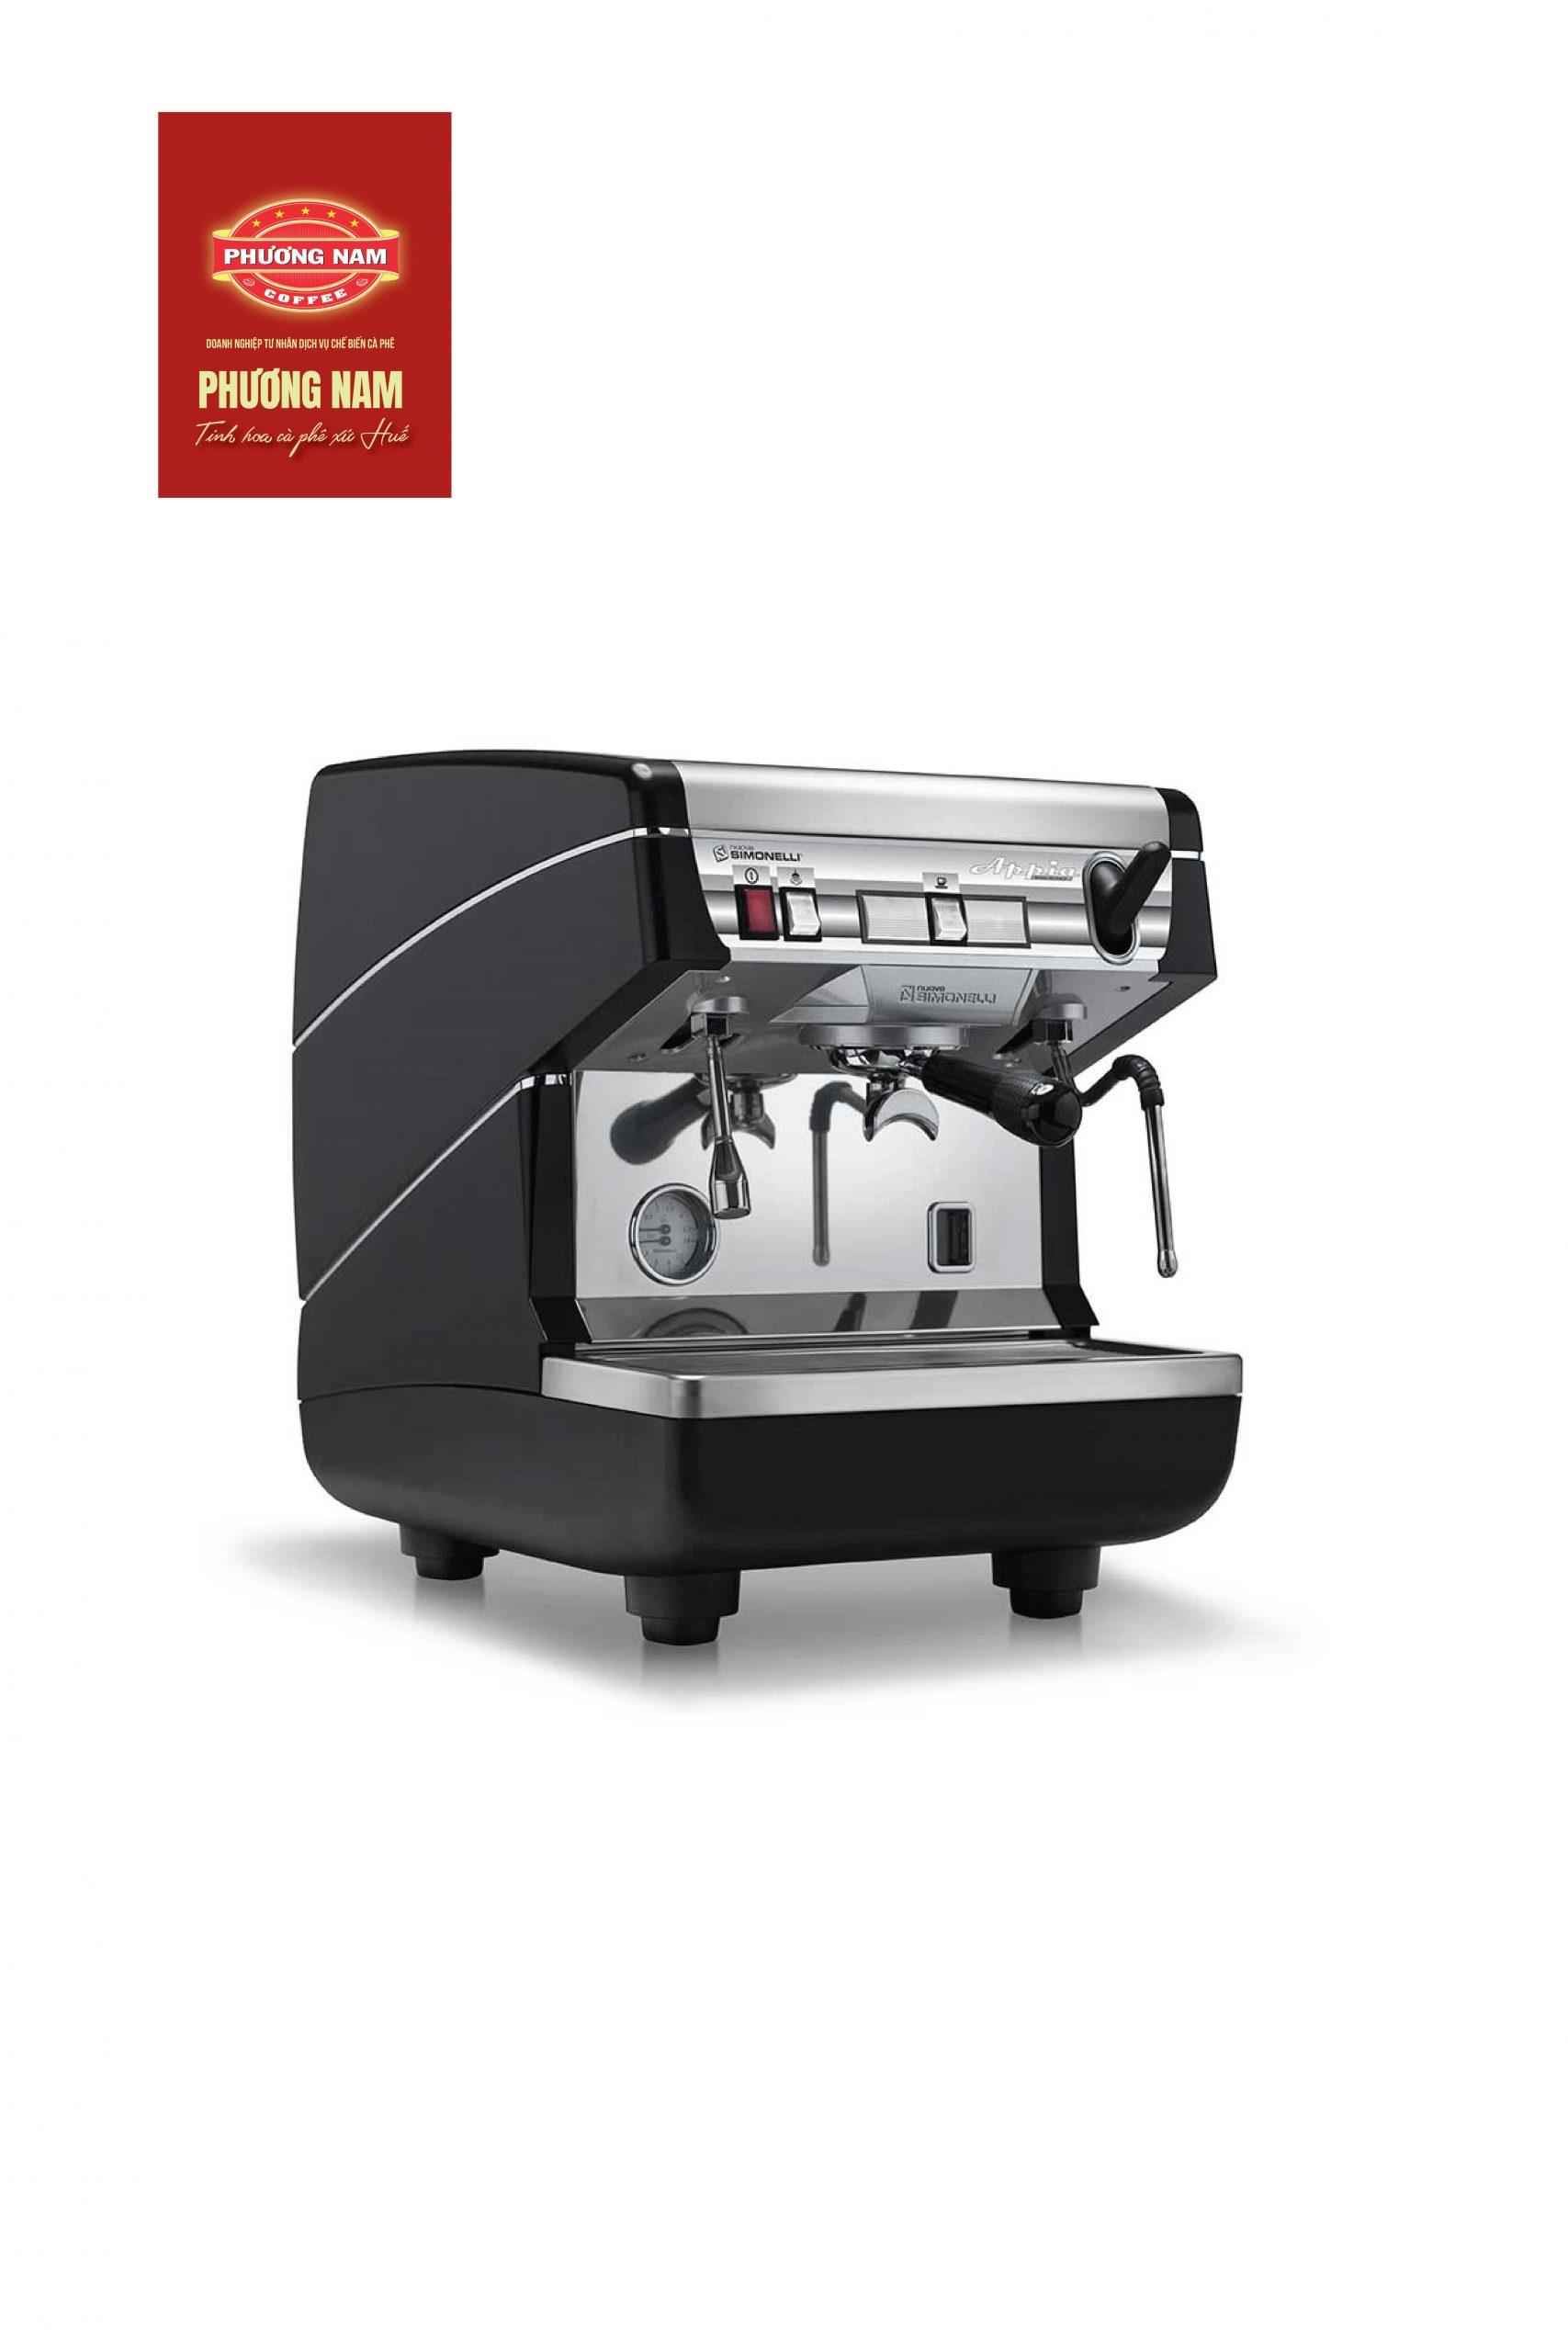 Máy pha cà phê Nuova Simonelli chính hãng